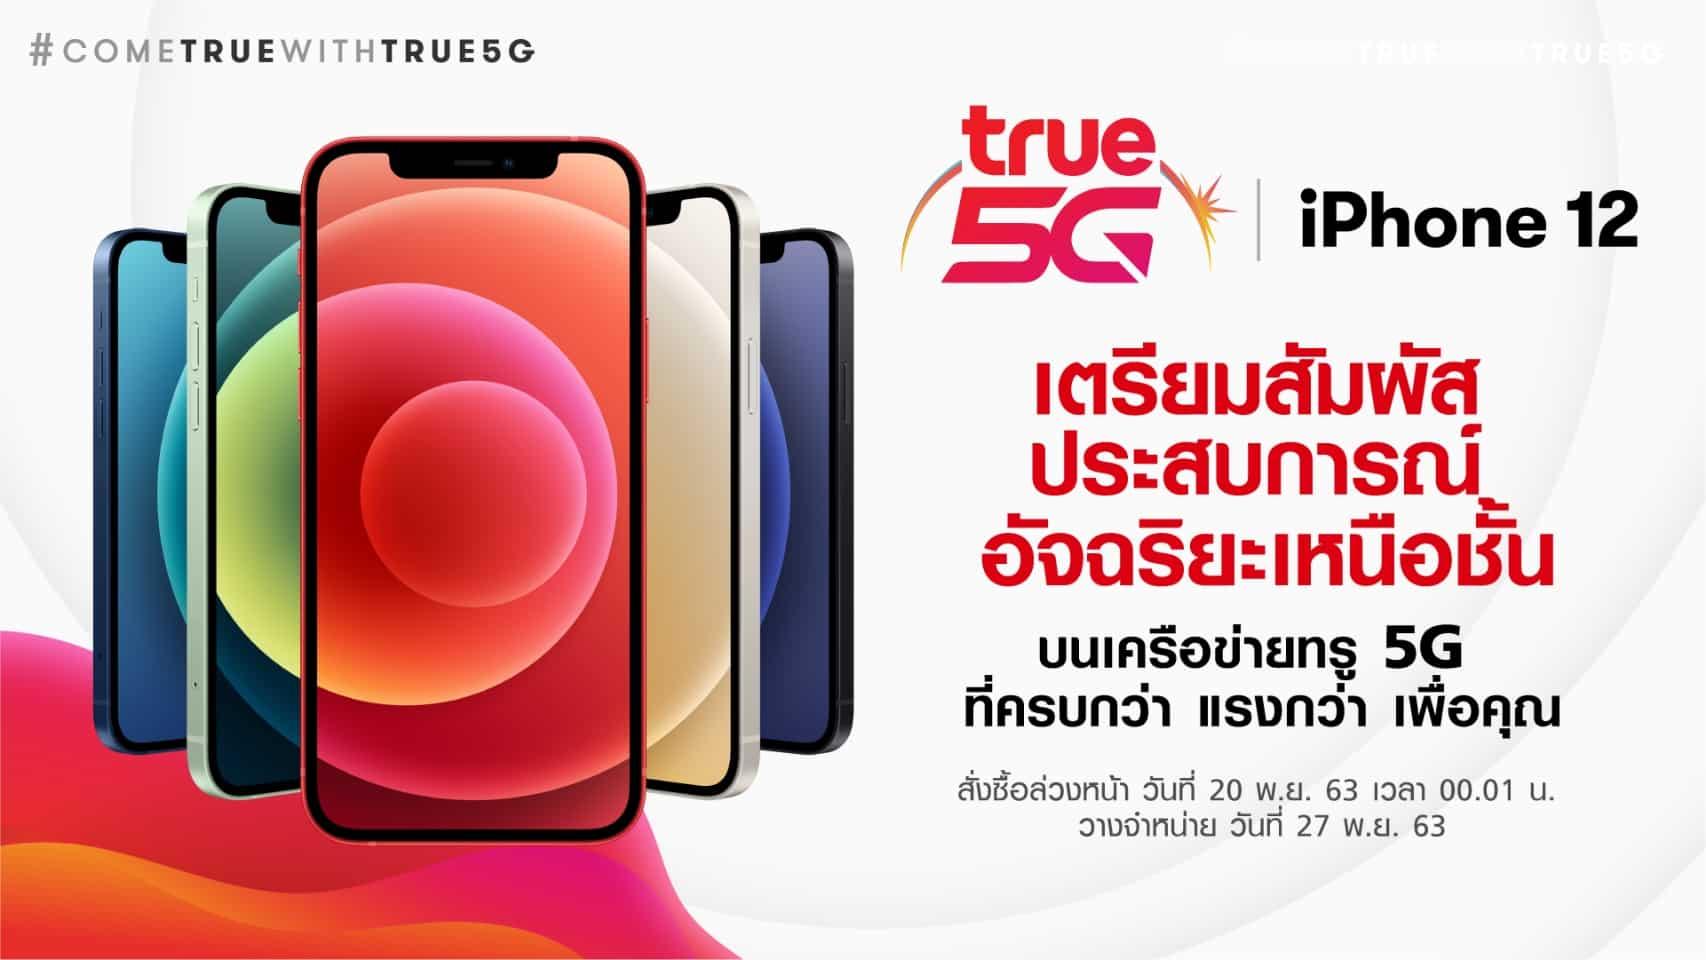 รูป TMH iPhone 12 8 ประกอบเนื้อหา ทรูมูฟ เอช เตรียมวางจำหน่าย iPhone 12 ใหม่ 20 พฤศจิกายน